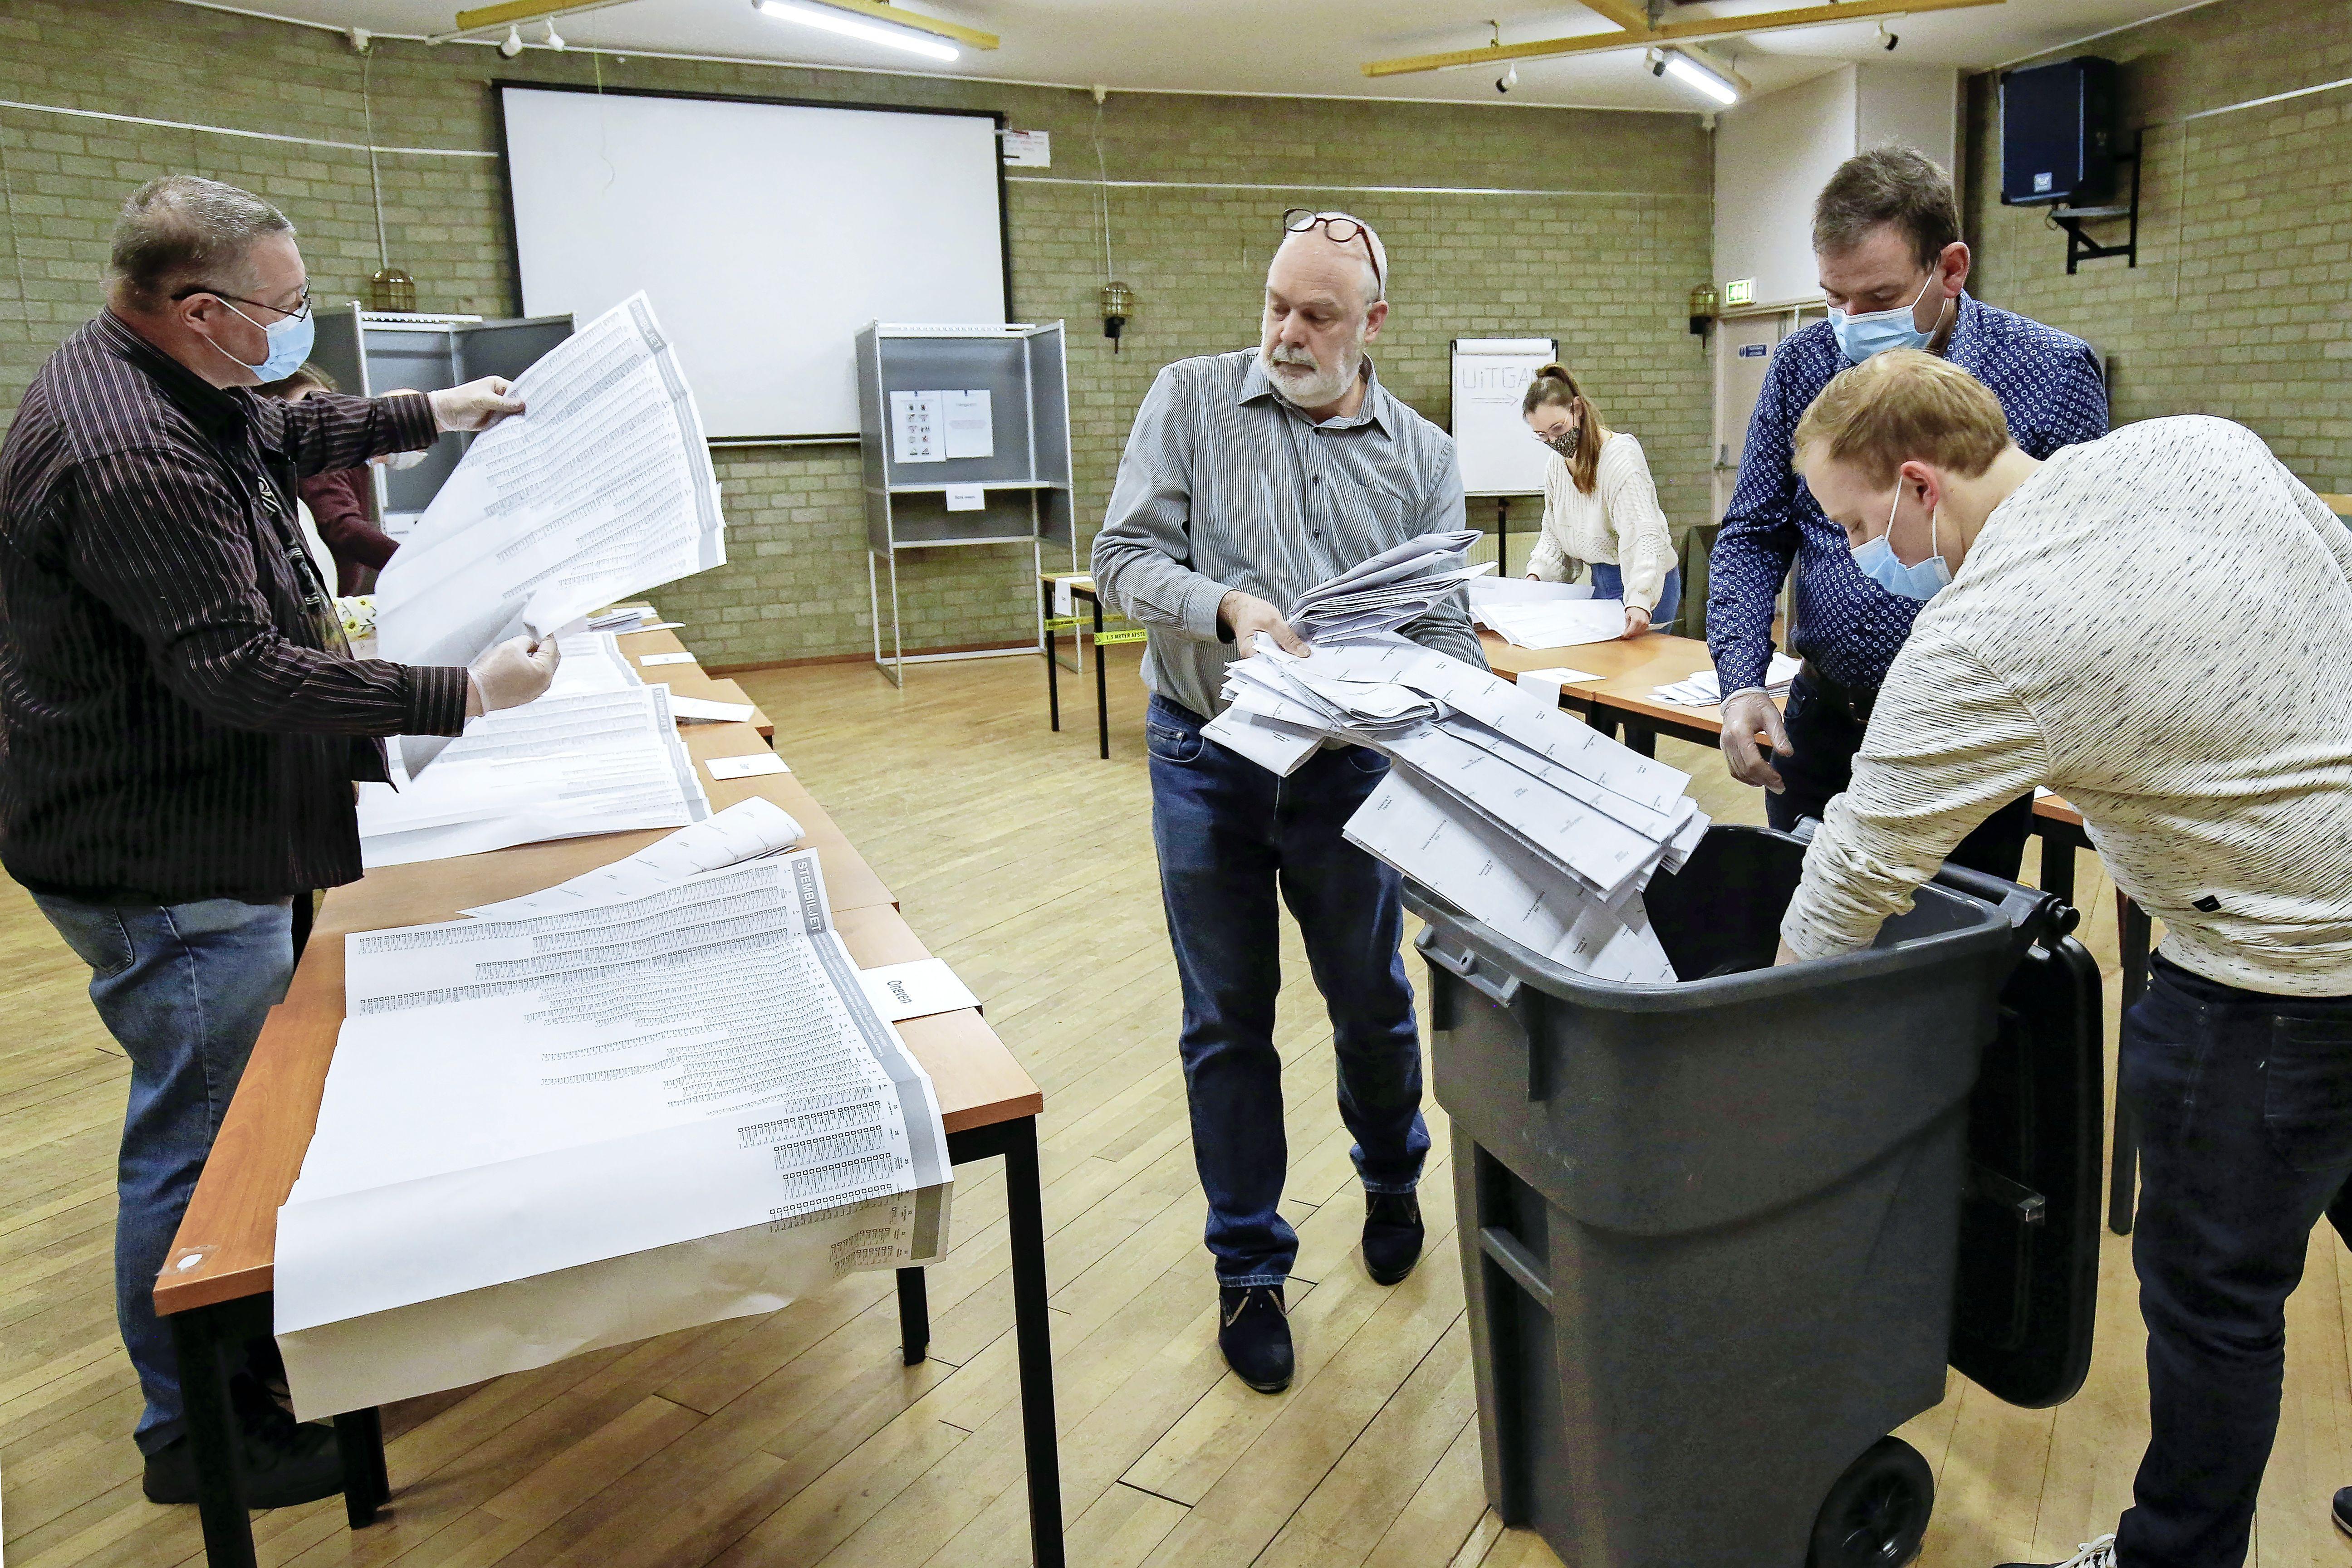 Recordaantal stemmers in De Spil in IJmuiden; PVV, D66 en FvD lijken het erg goed te doen